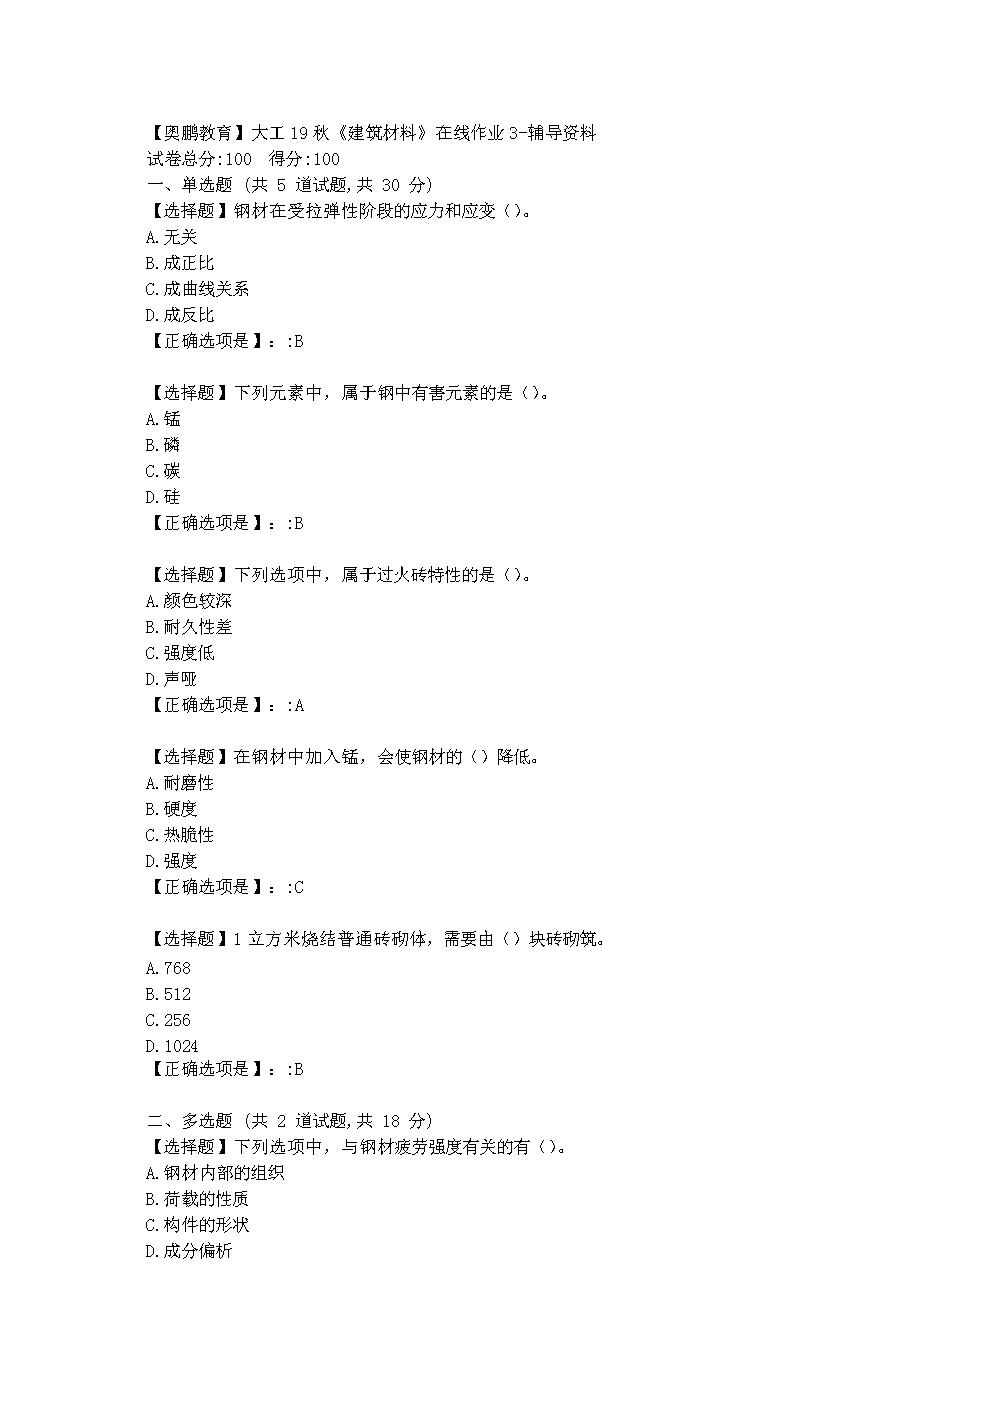 大连理工大学19秋《建筑材料》在线作业3学习资料.doc